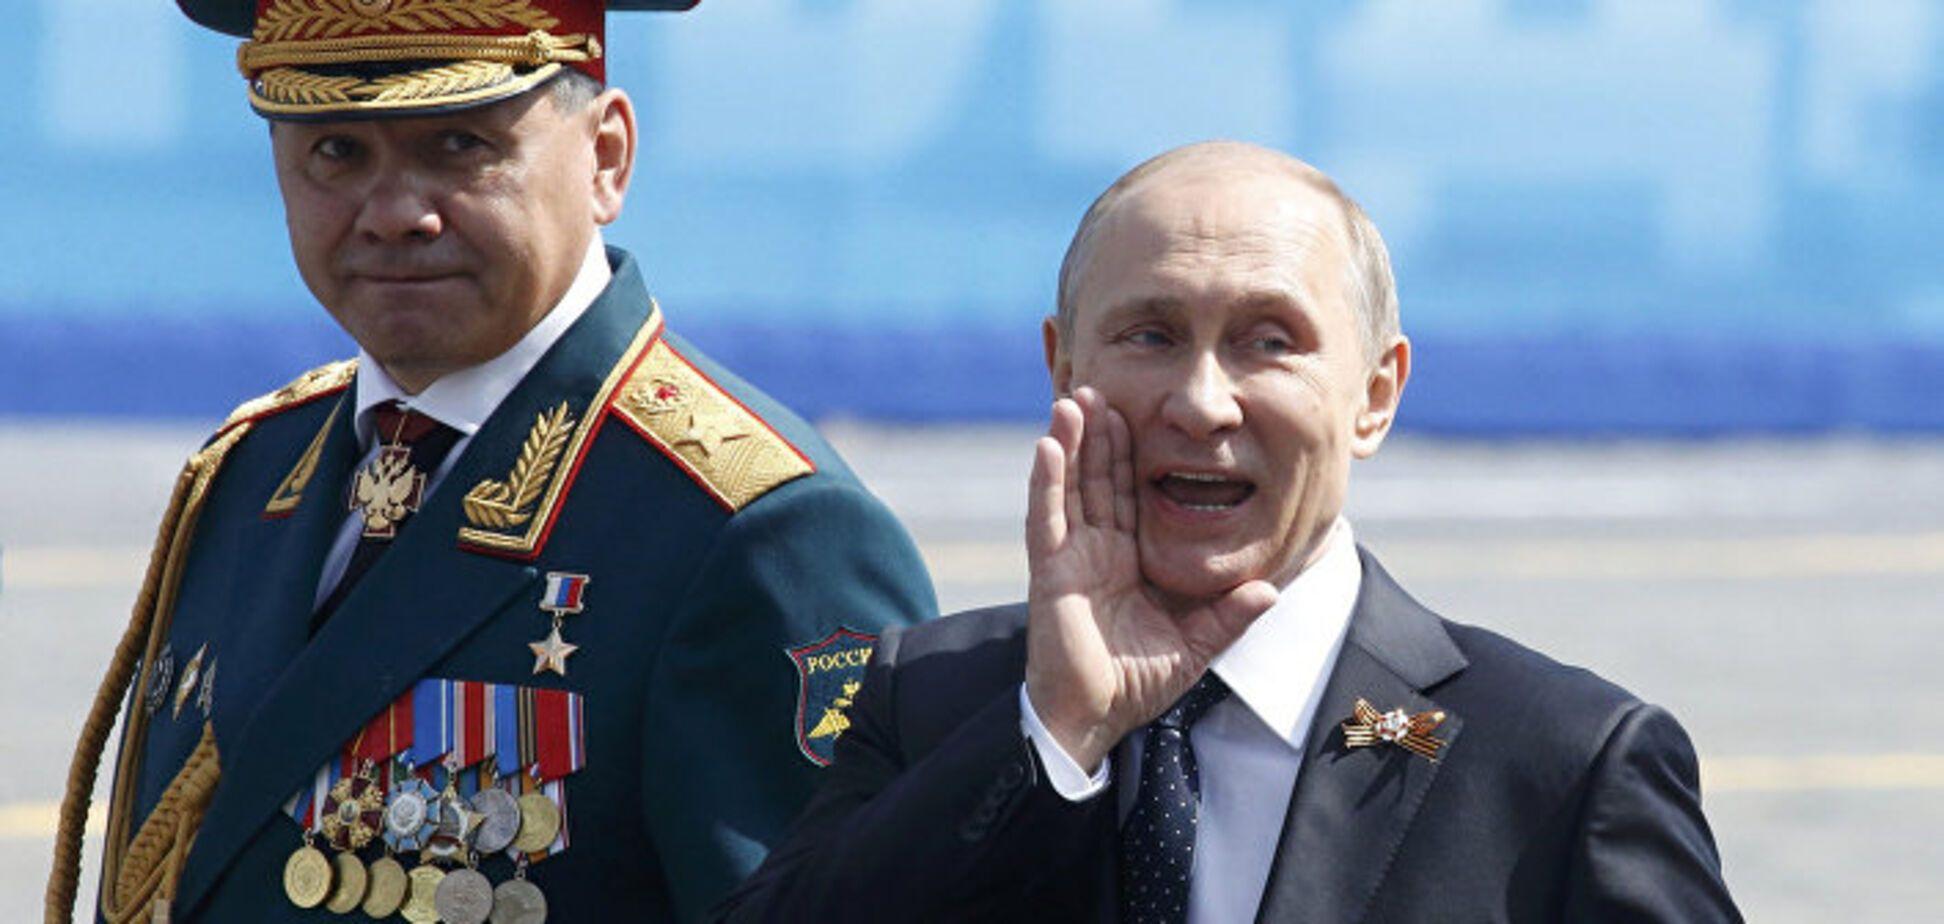 Путин, выборы и Донбасс: генерал пояснил, на что способен Кремль